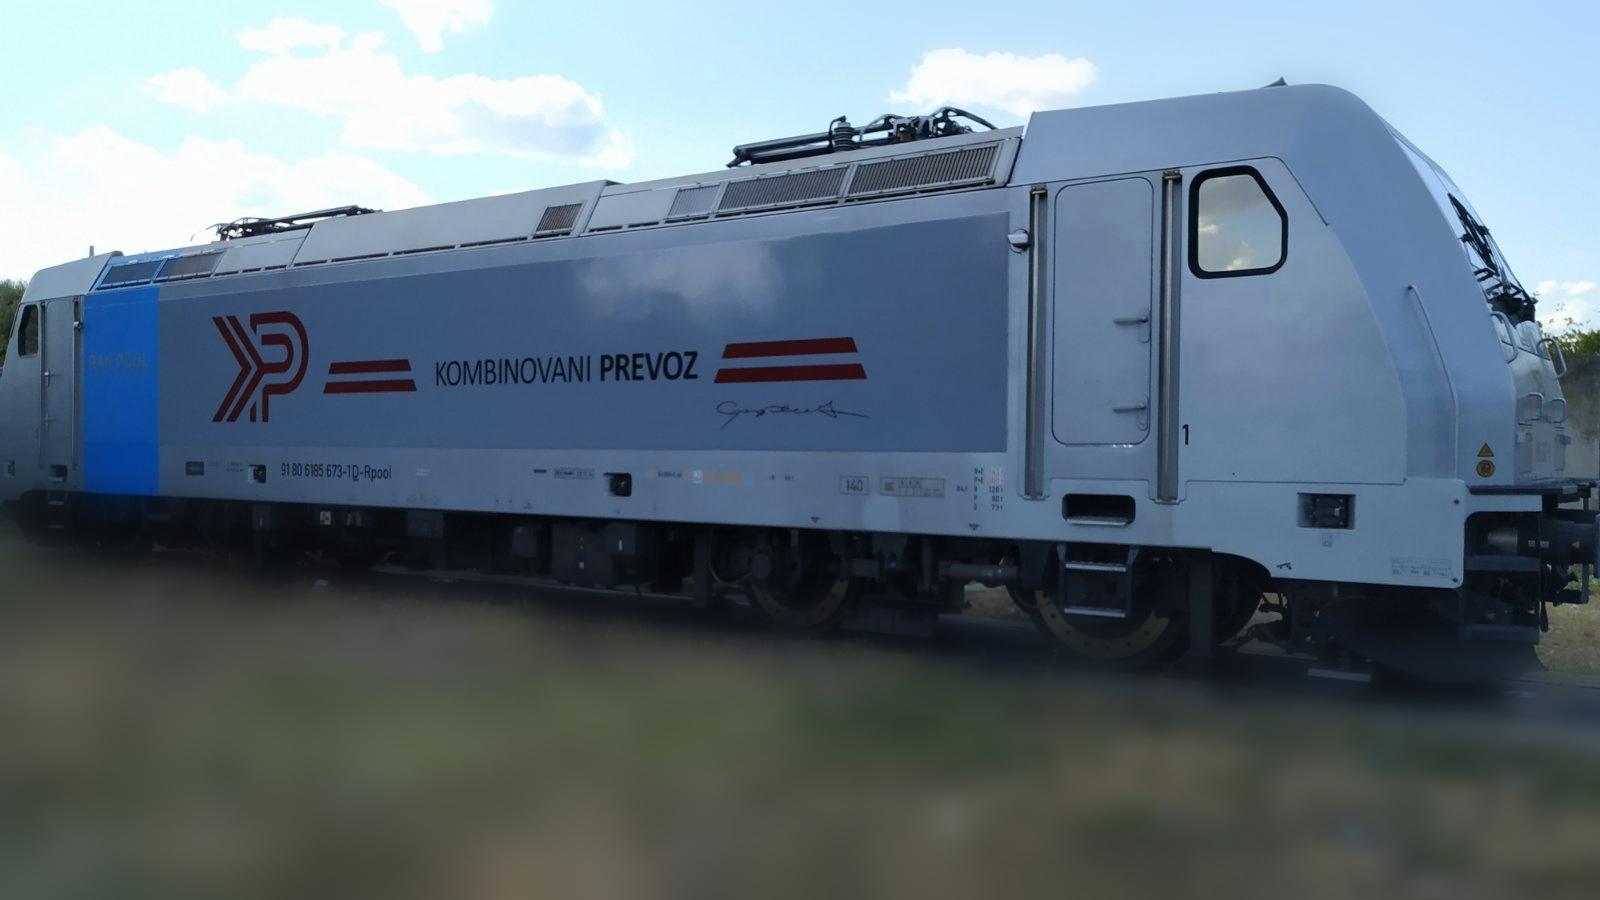 RAILPOOL expandiert weiter in die Balkanländer - TRAXX AC2 für den serbischen Markt